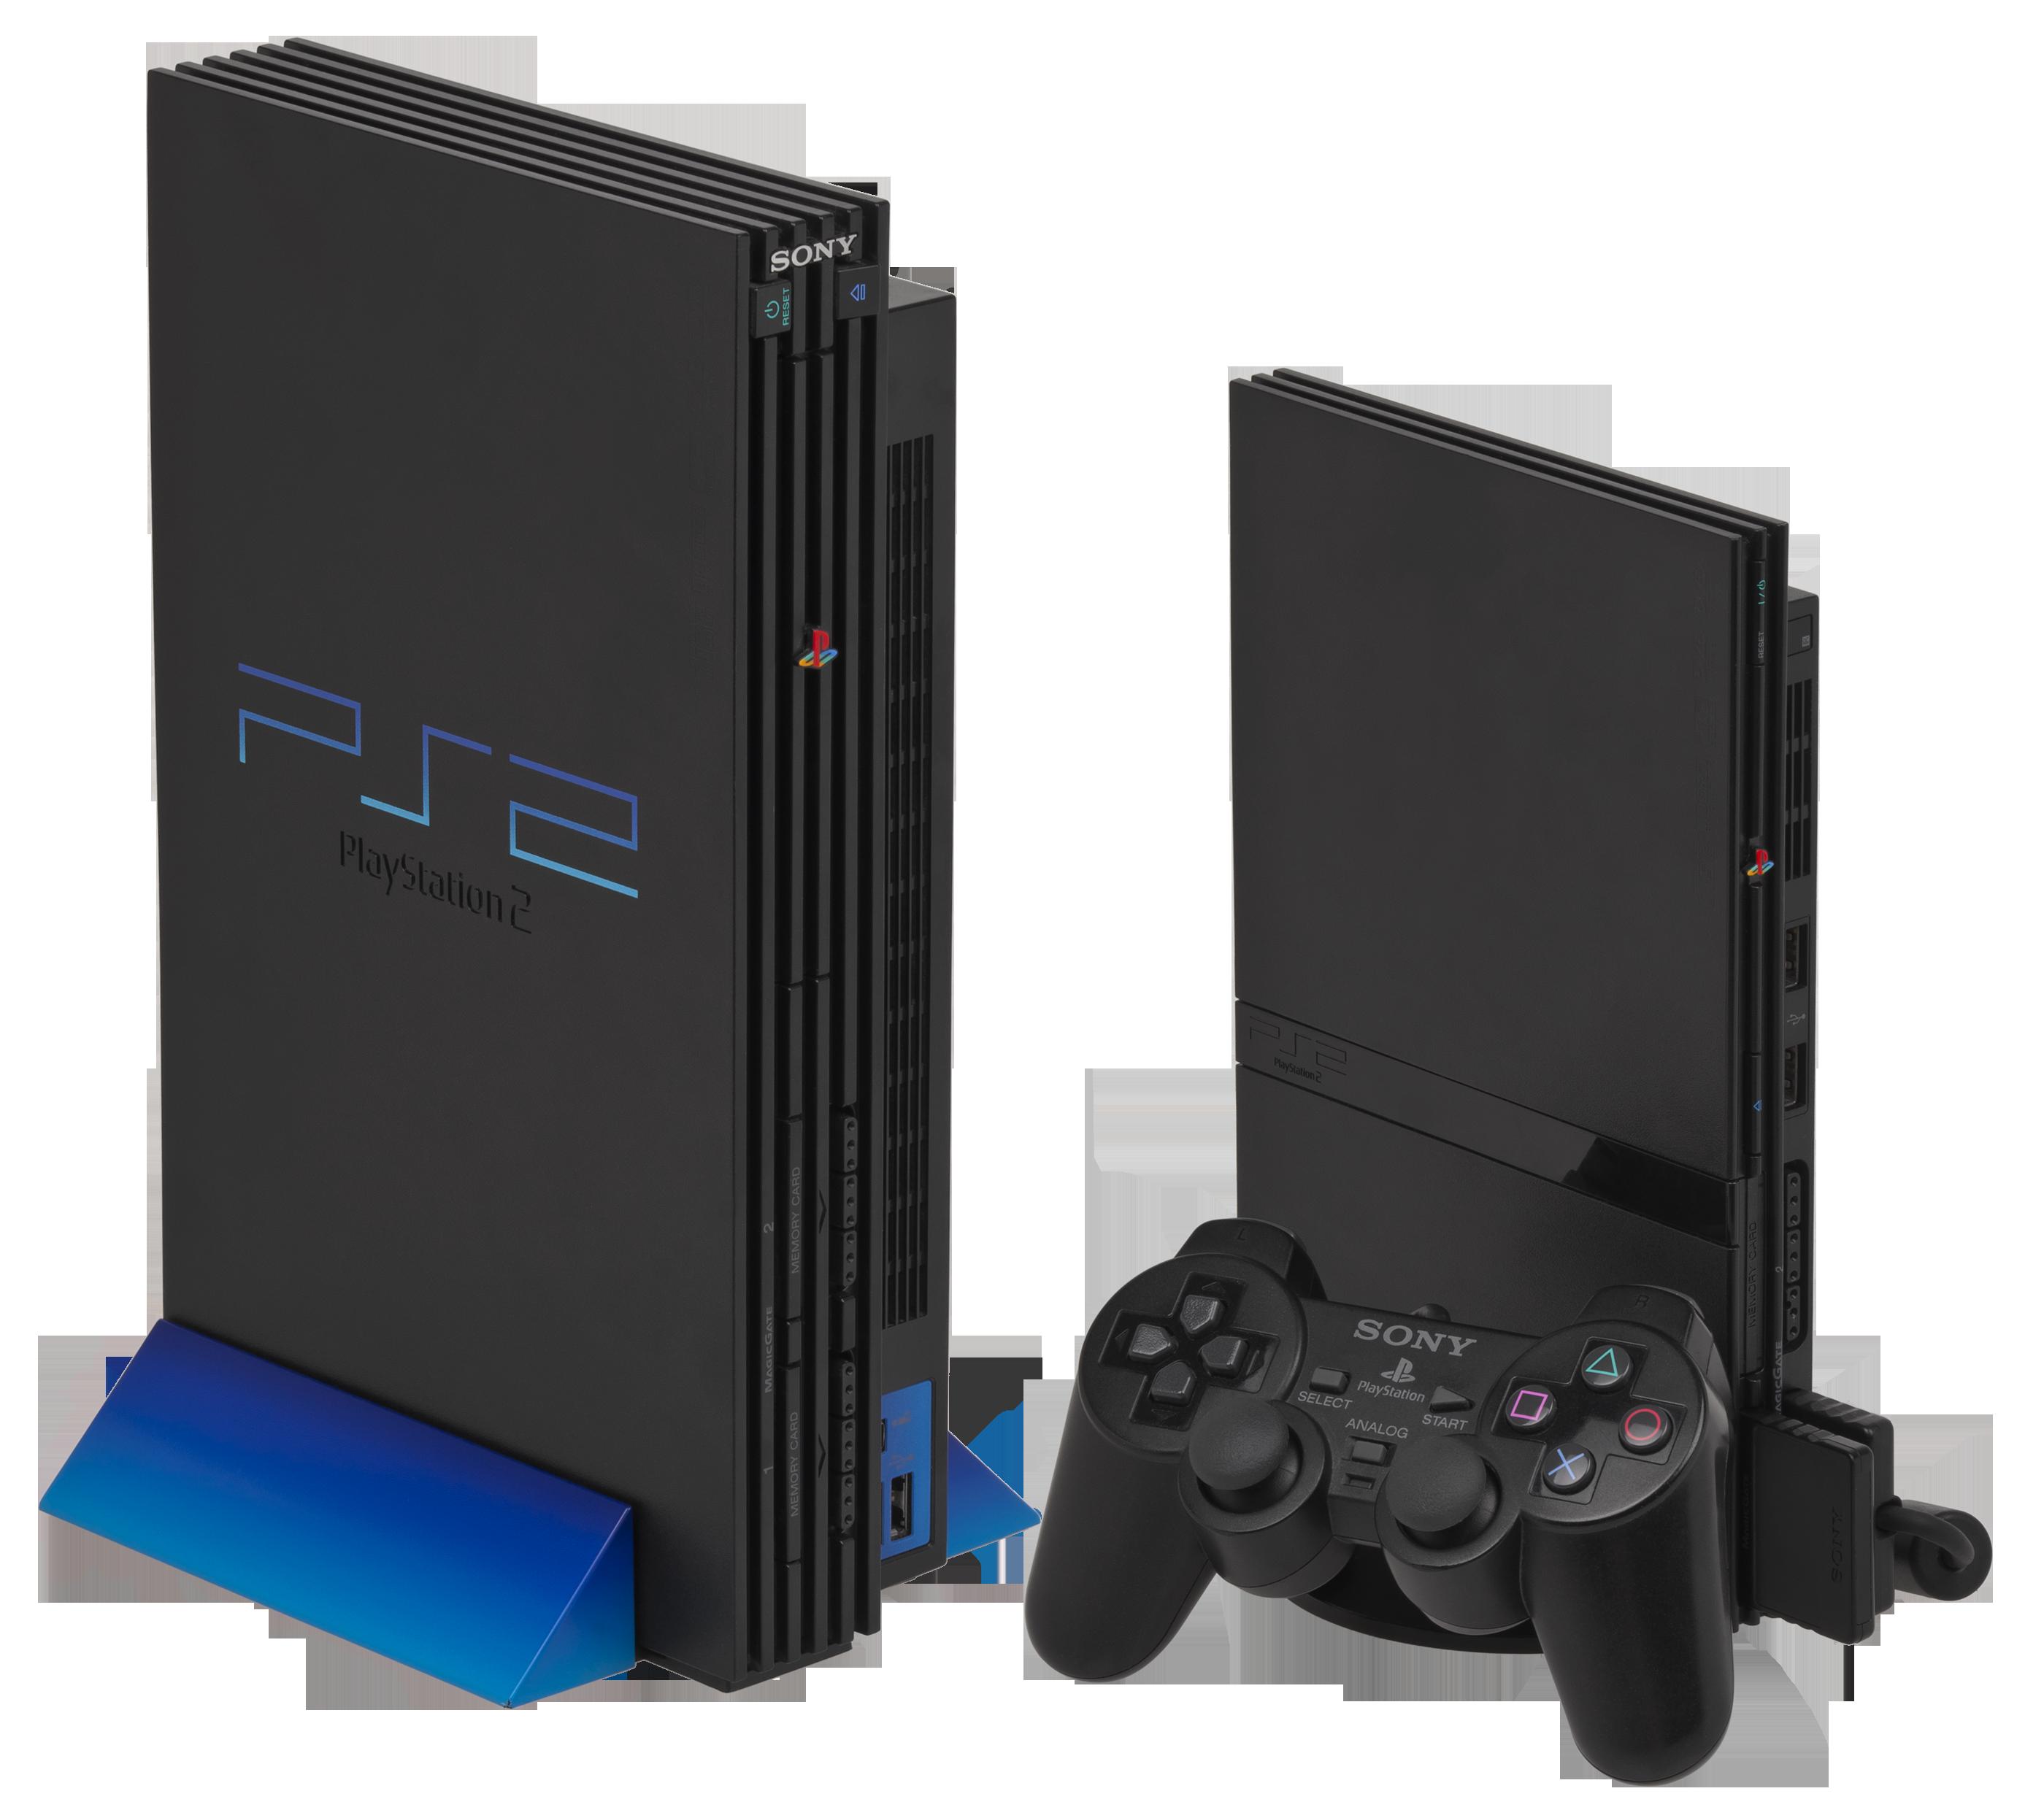 Comprar juegos ps2 en tiendas online de videojuegos